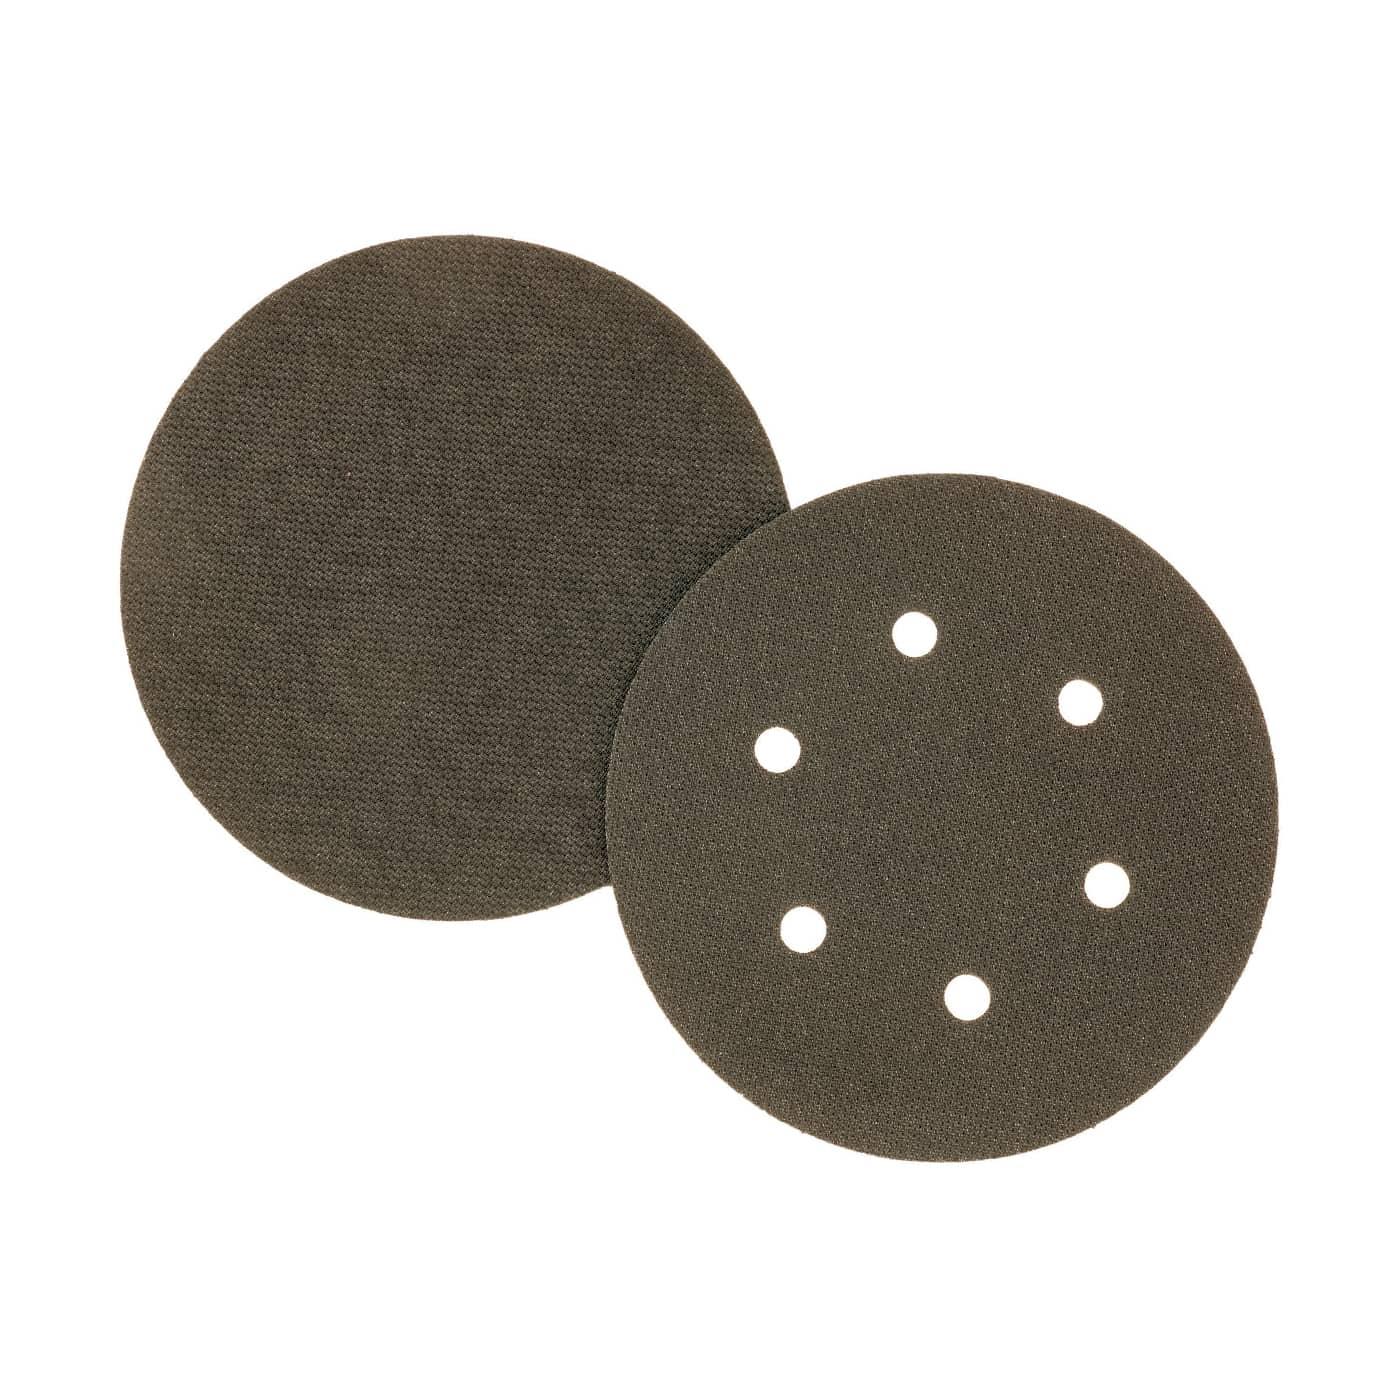 5104 Self-adhesive hook fasteners